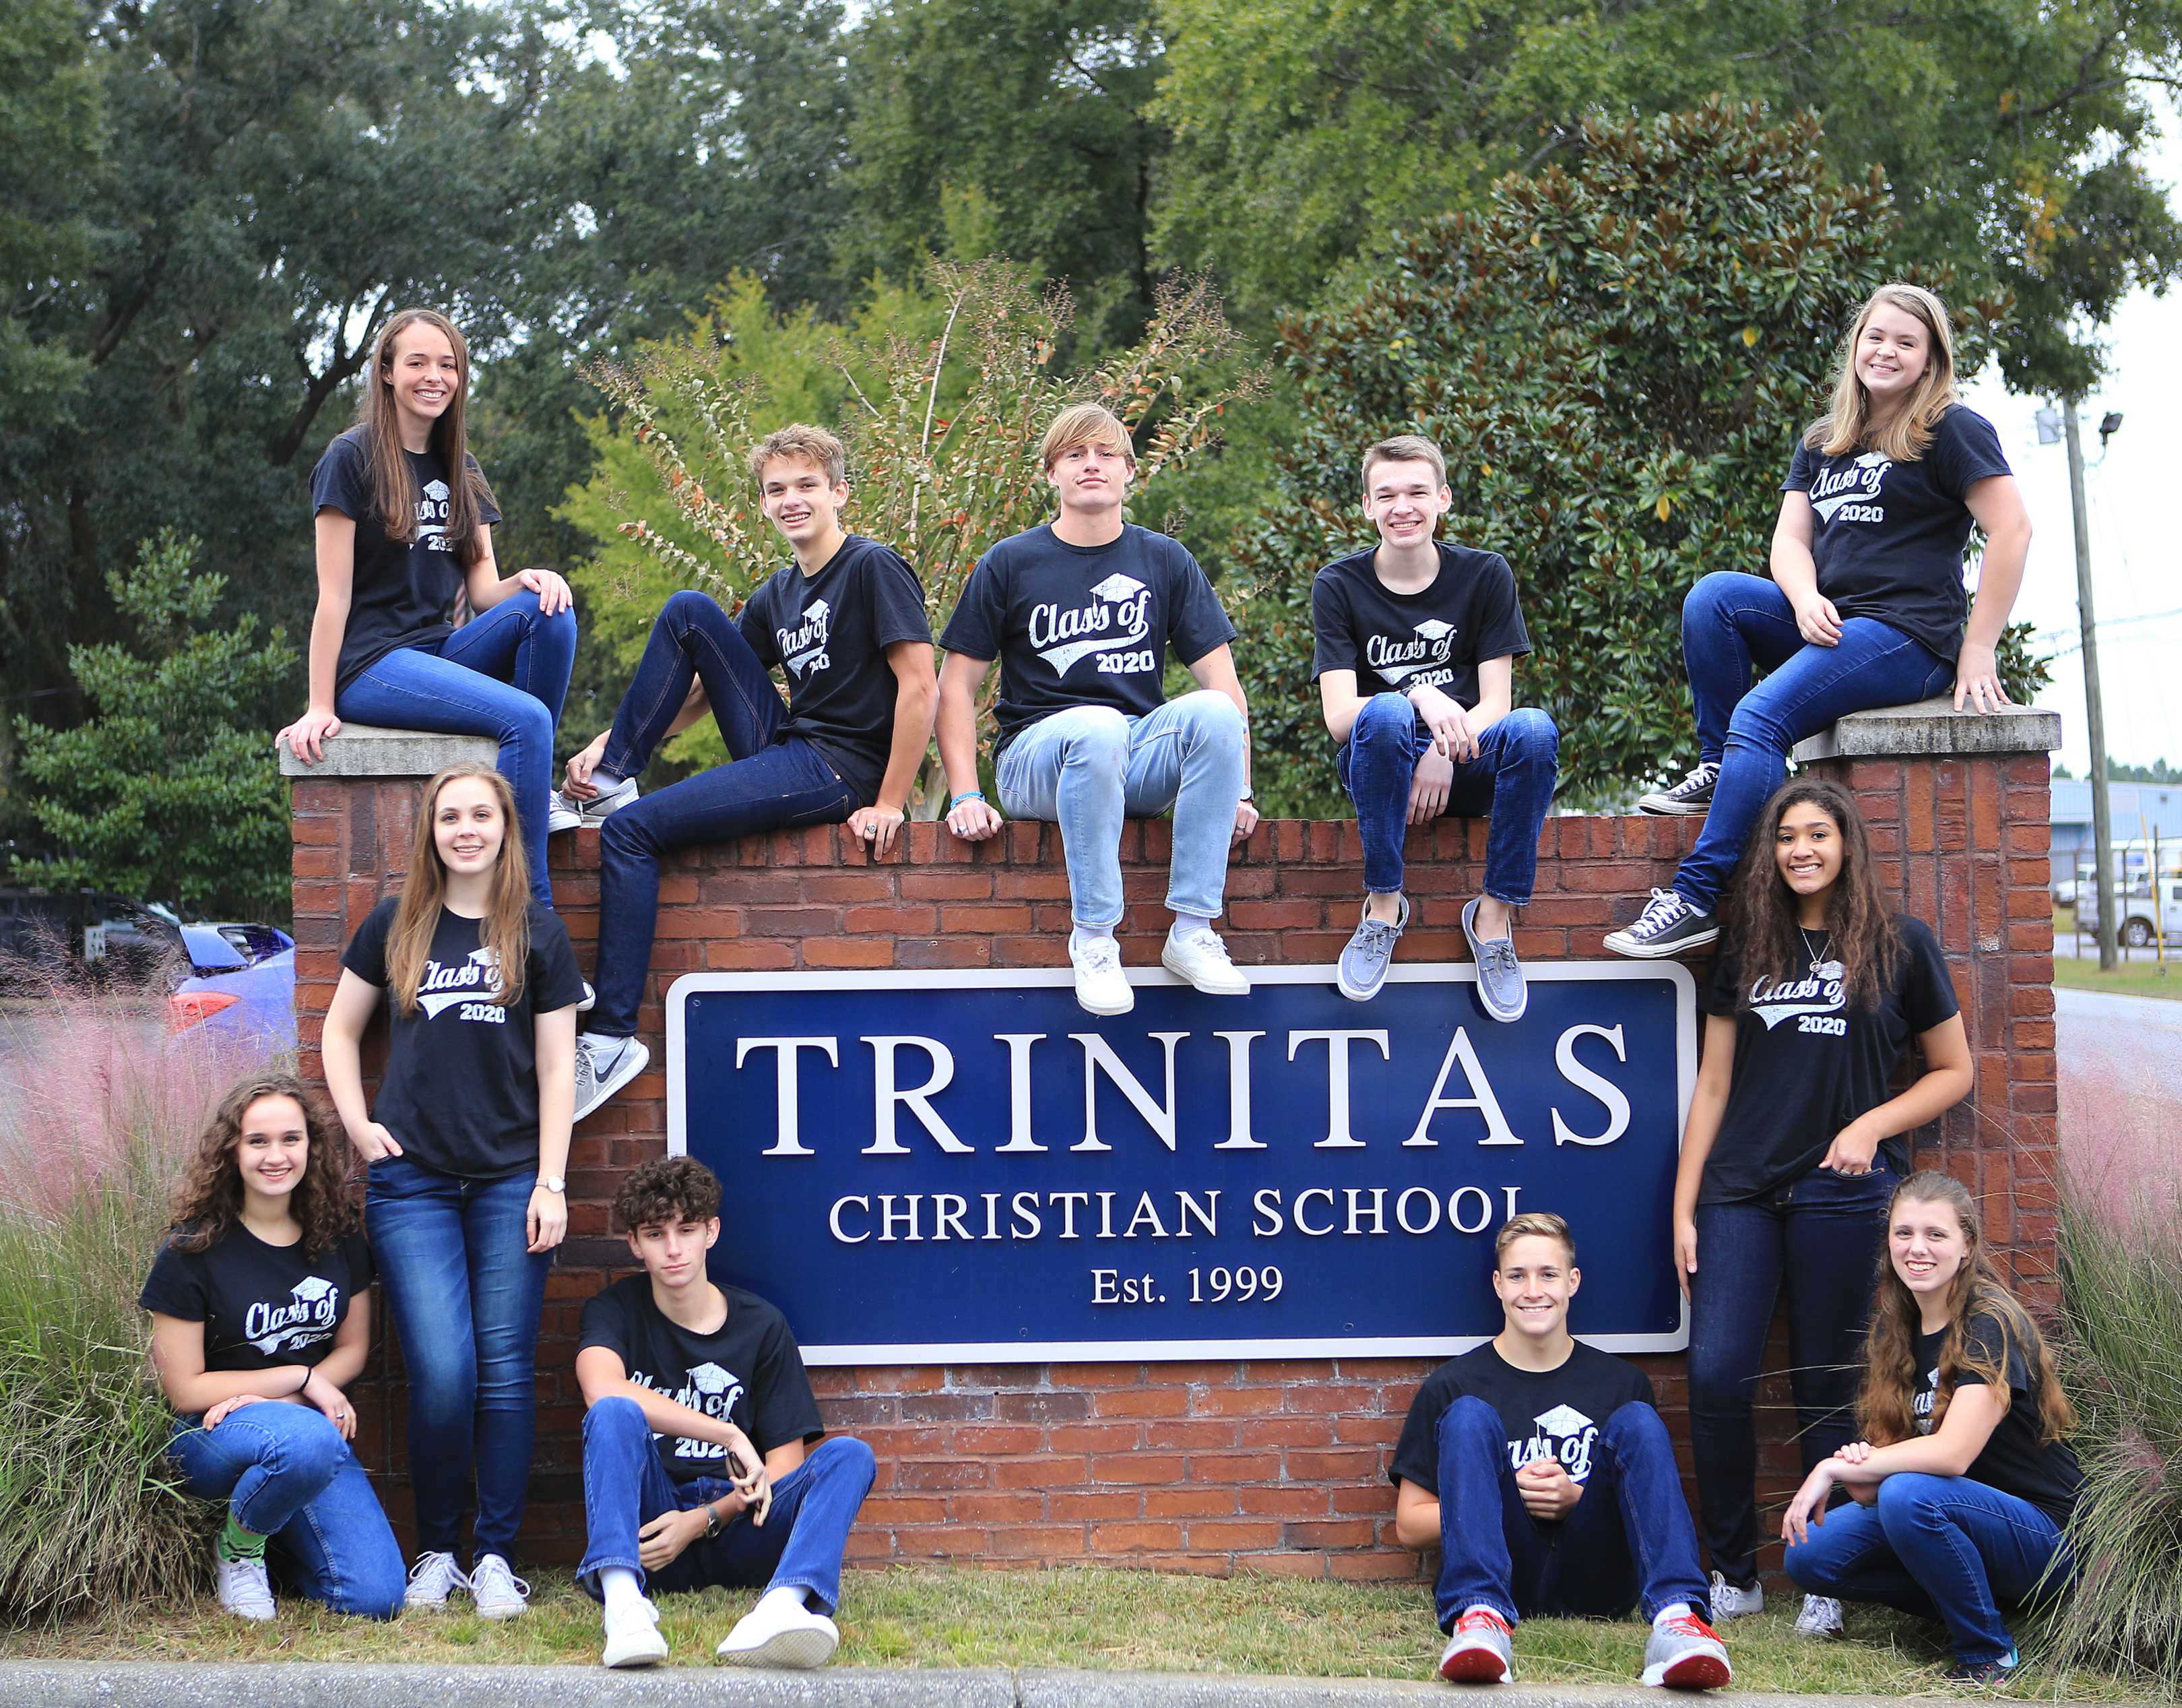 A Blessing for Trinitas Graduates